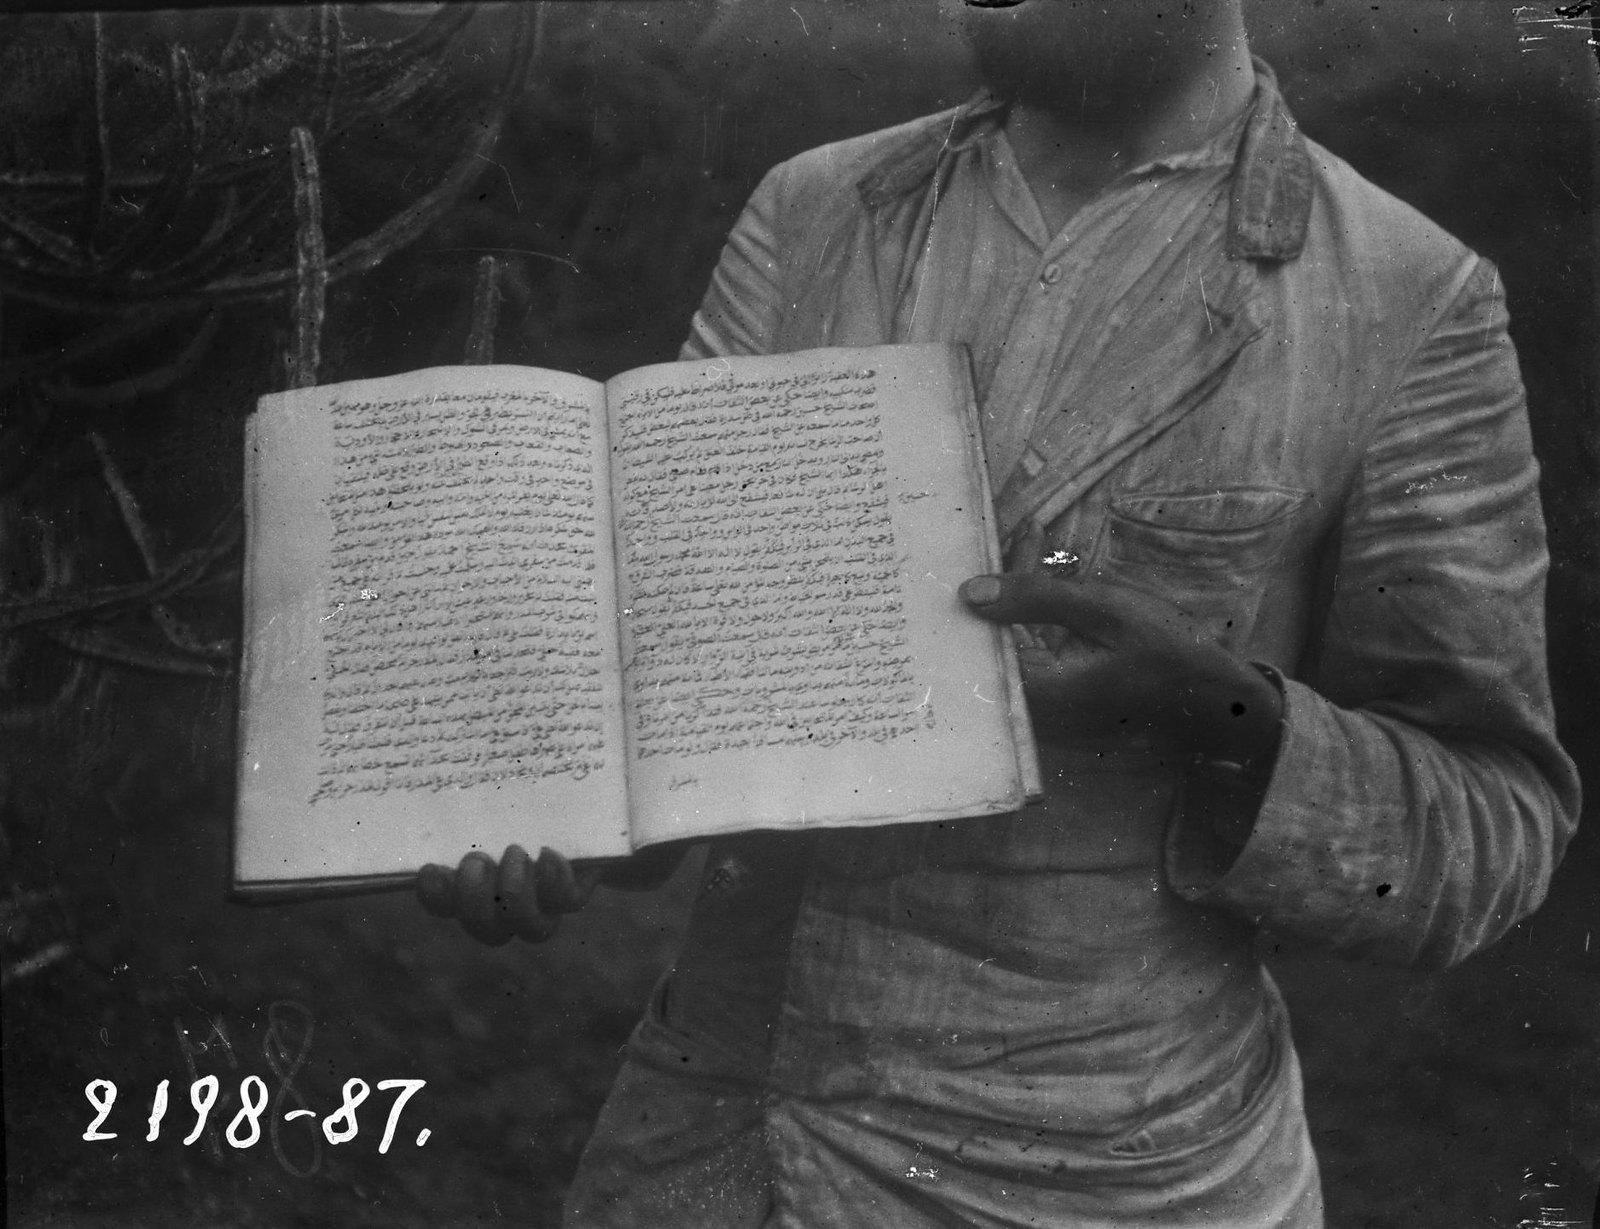 87. Книга, снятая в городе Шейх Хуссейне, с описанием жизни этого святого